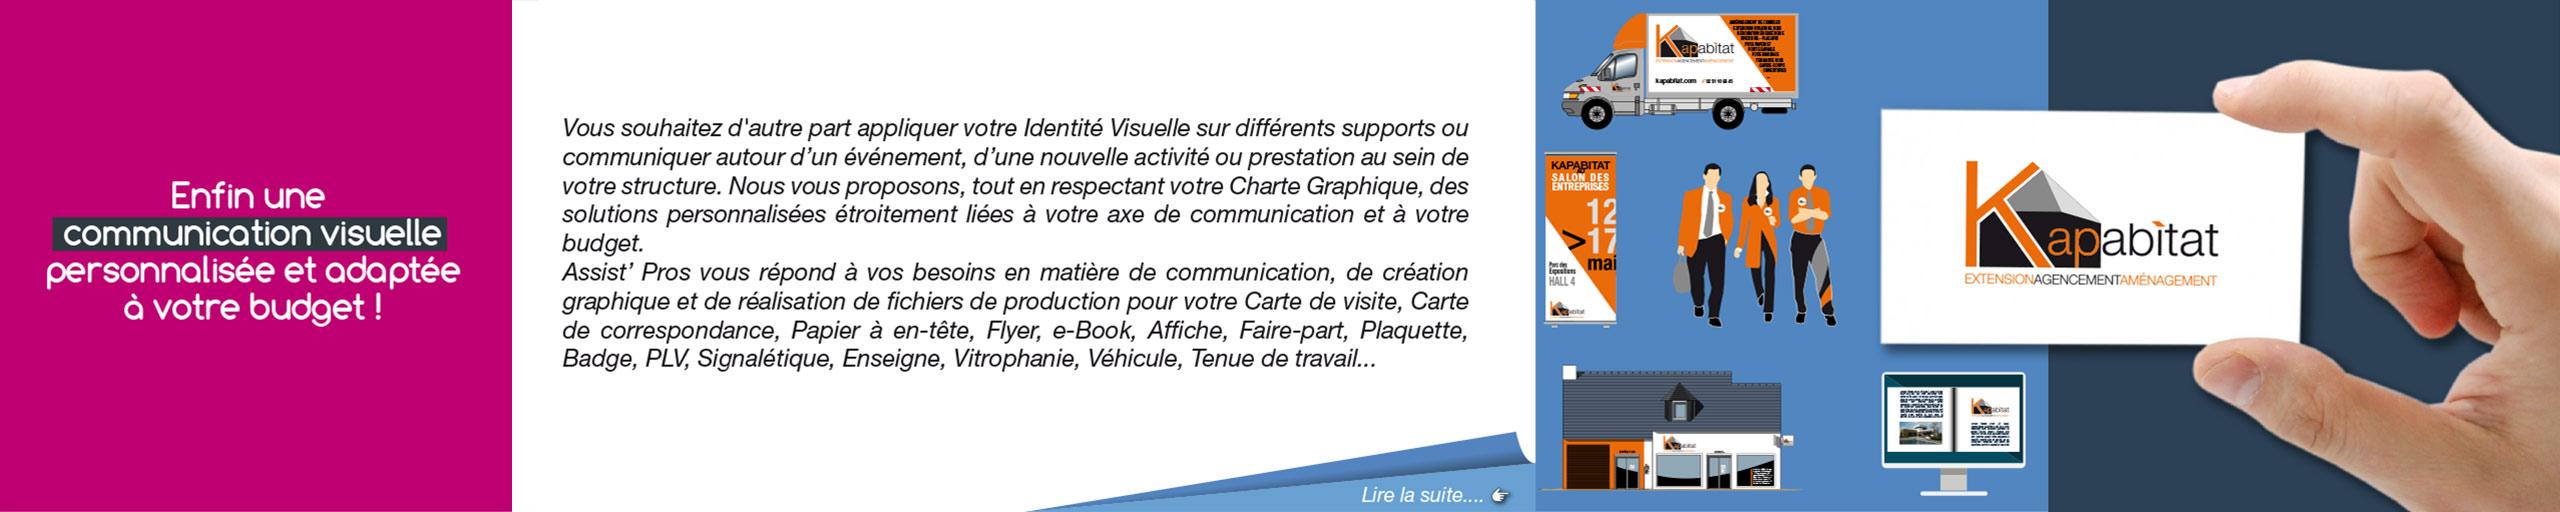 Votre Communication Visuelle